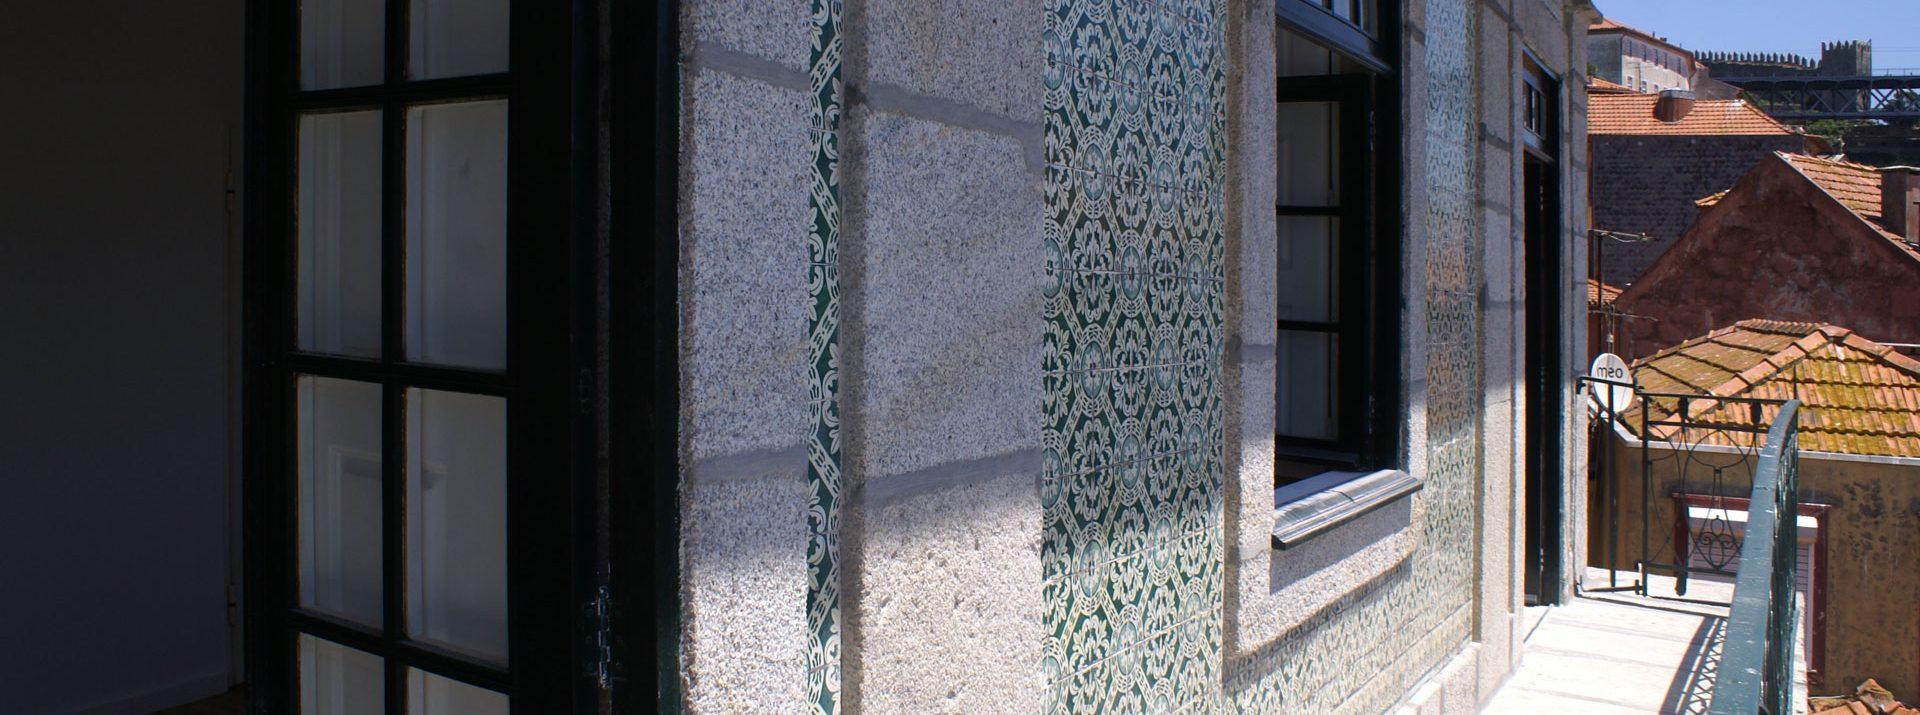 Apartamentos e Comércio na Ribeira - Rua S. João - Vista da varanda sobre a Praça da Ribeira